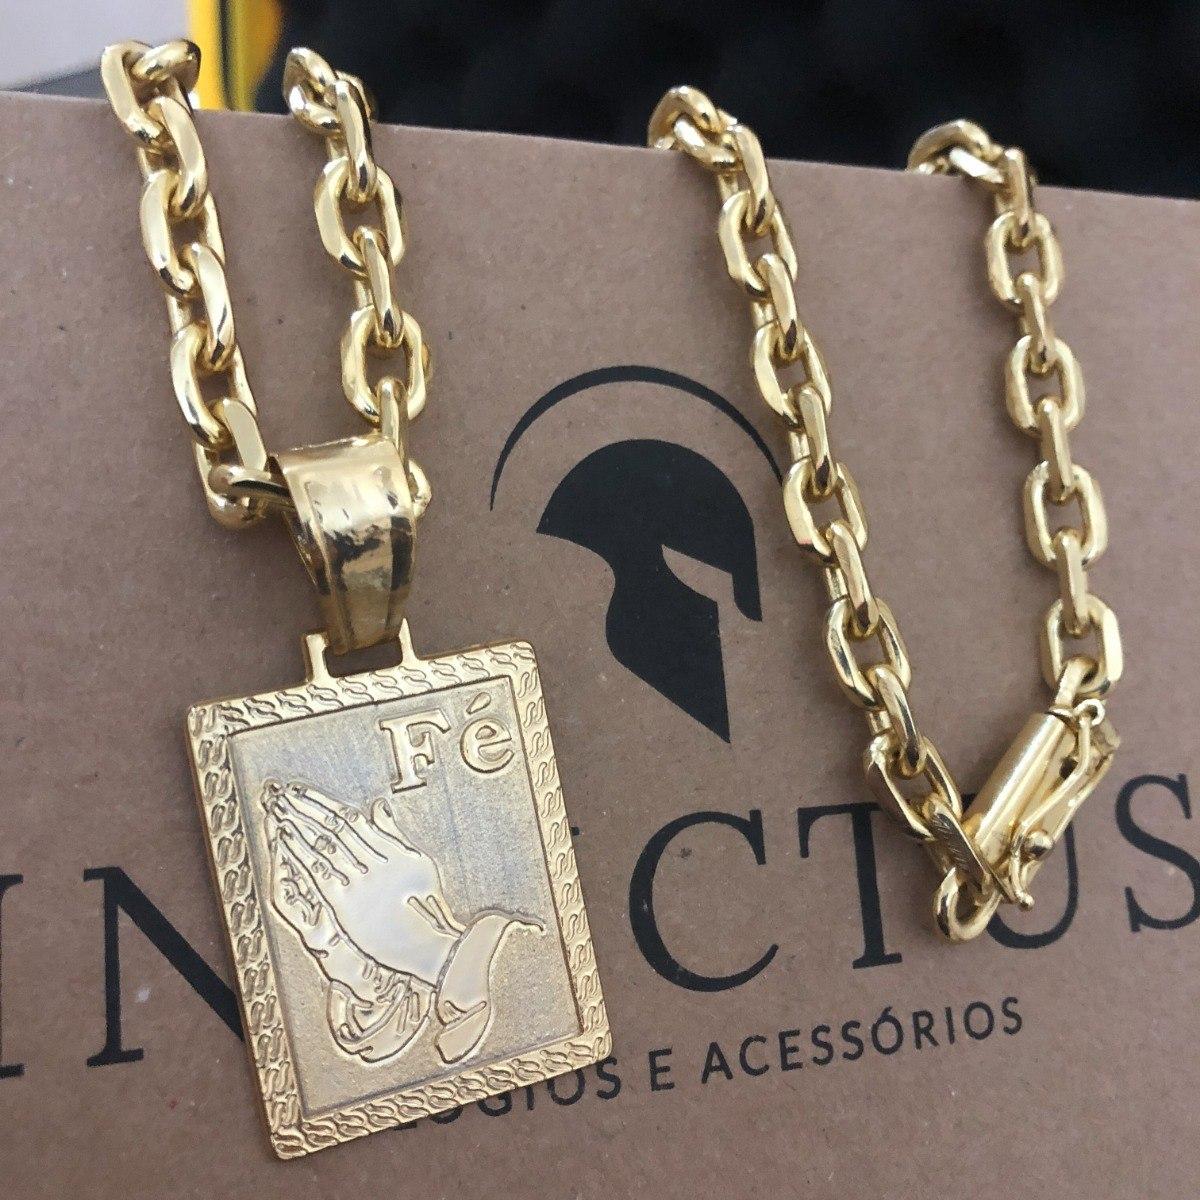 dee6b167da1 cordão cadeado 7mm 70cm+ pingente fé banhados a ouro 18k. Carregando zoom.